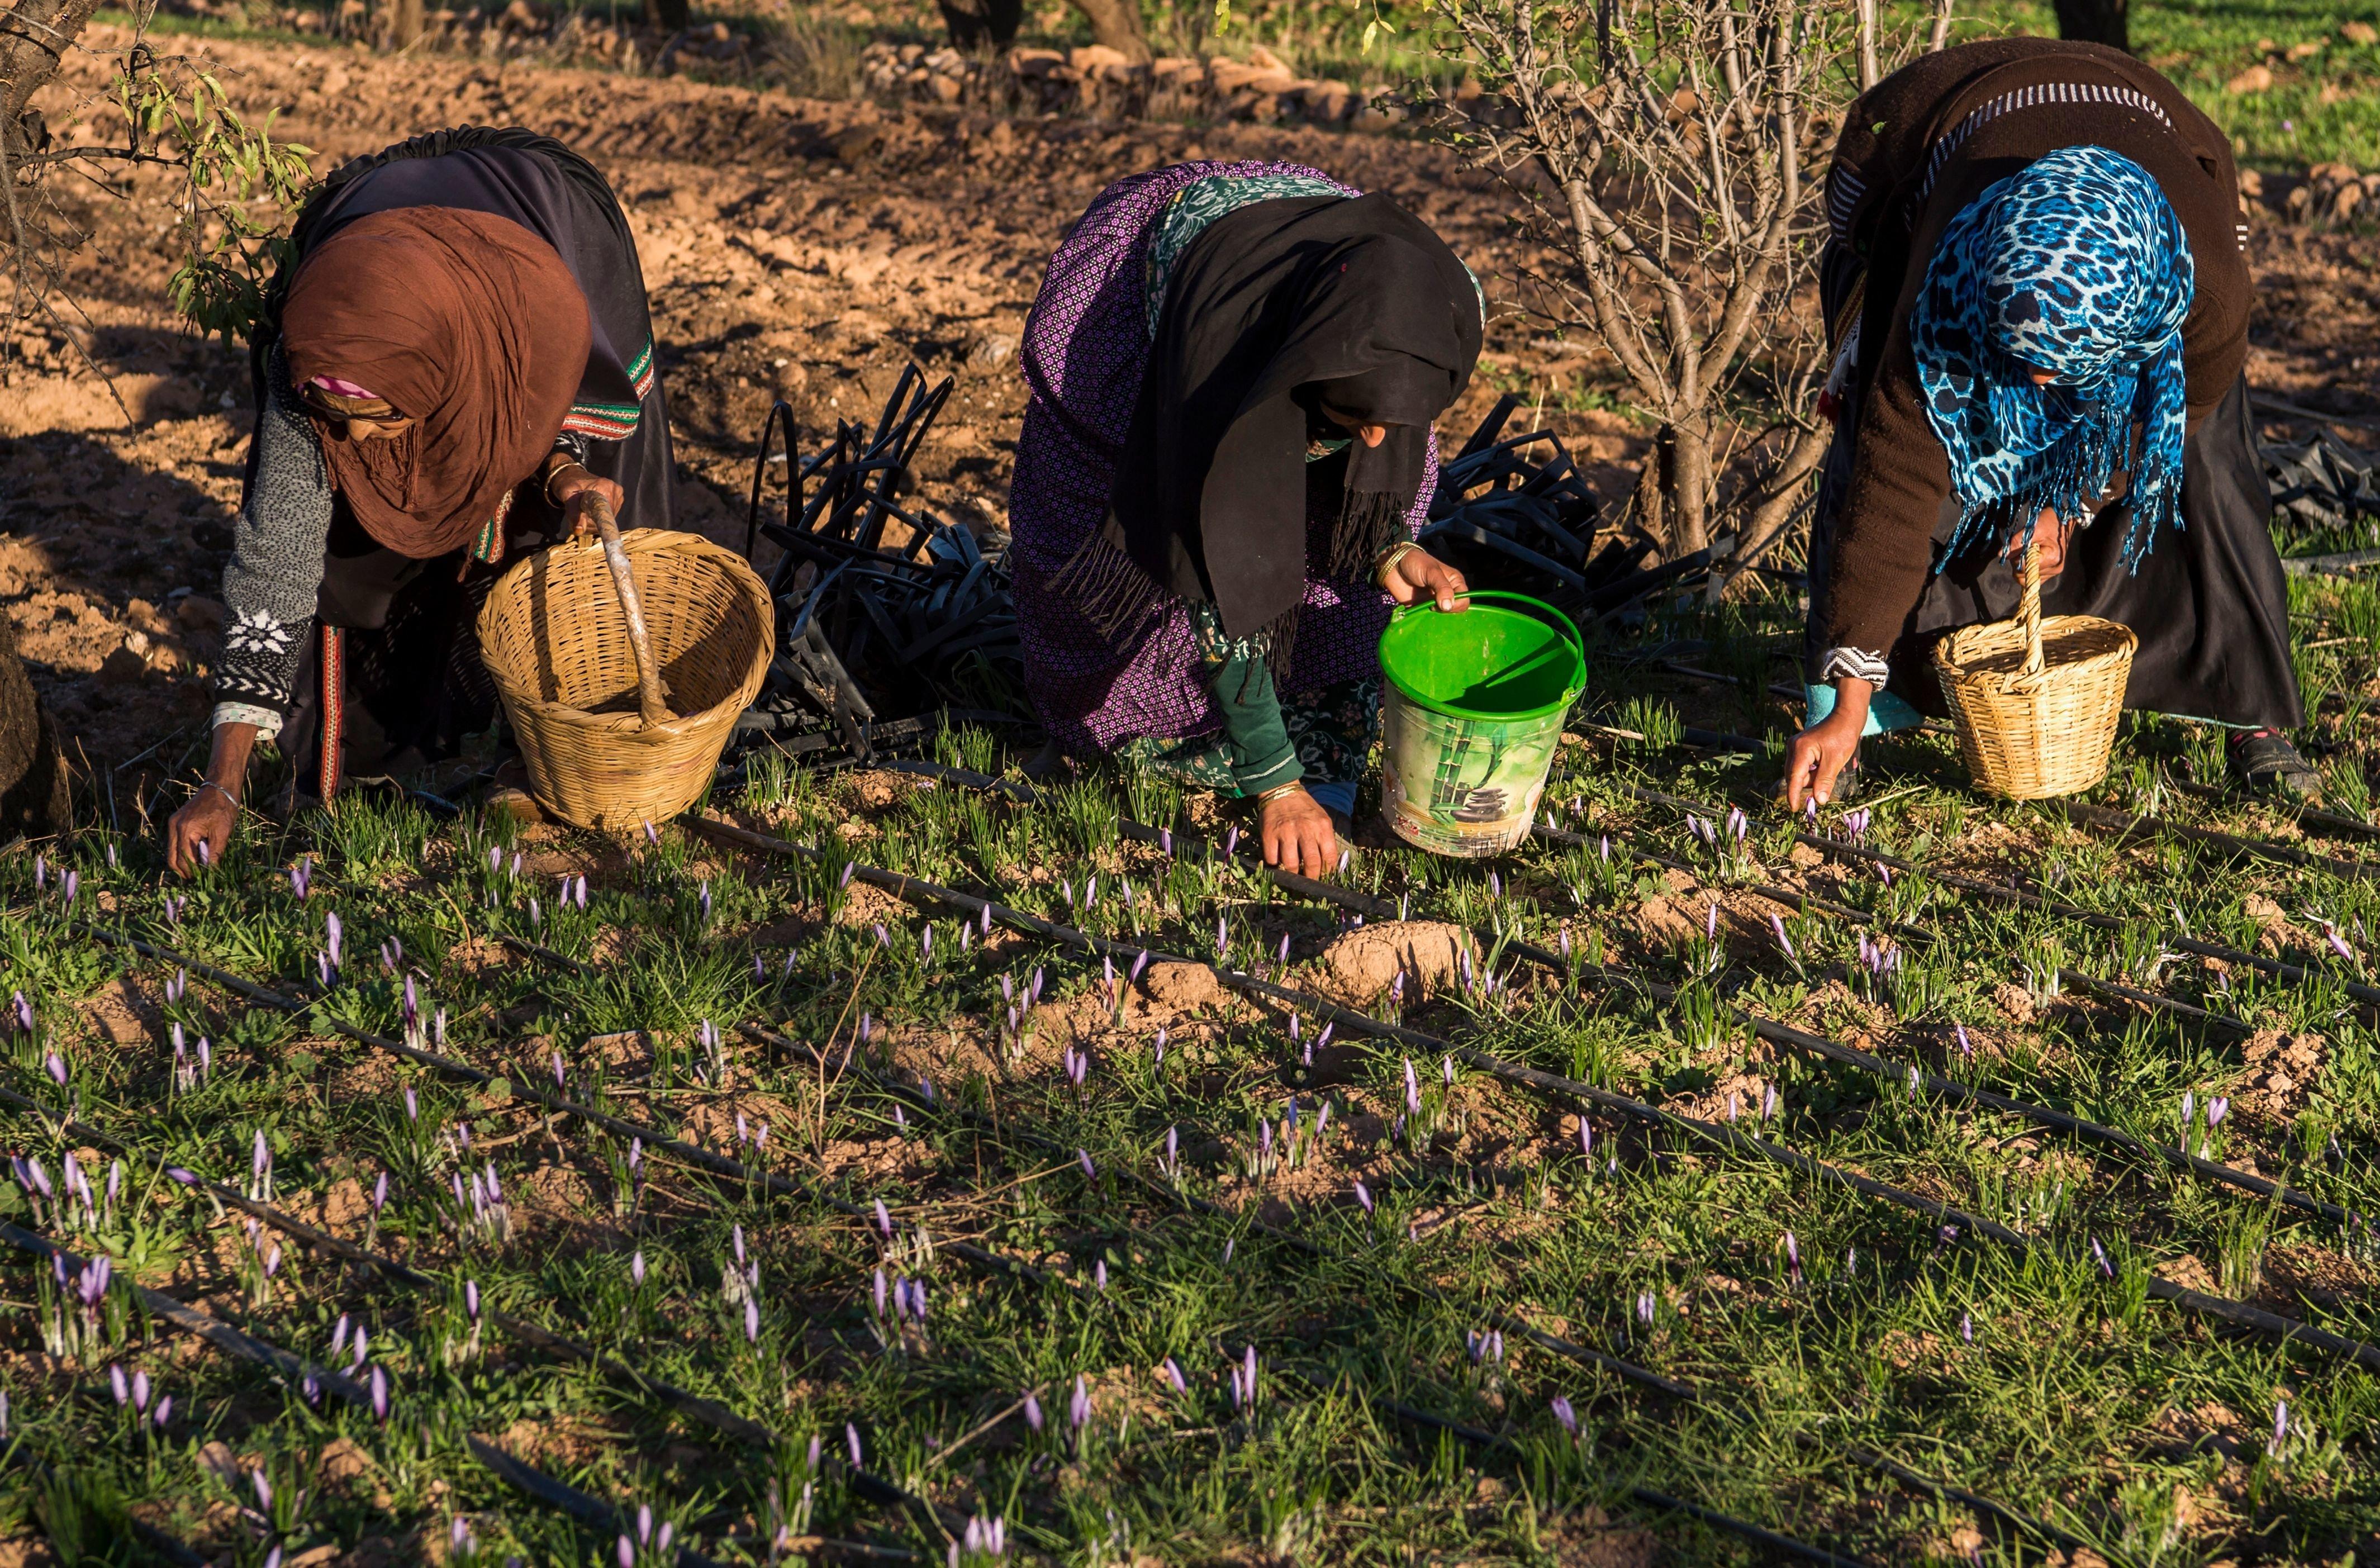 Dans le milieu rural, 60% des Marocaines sont